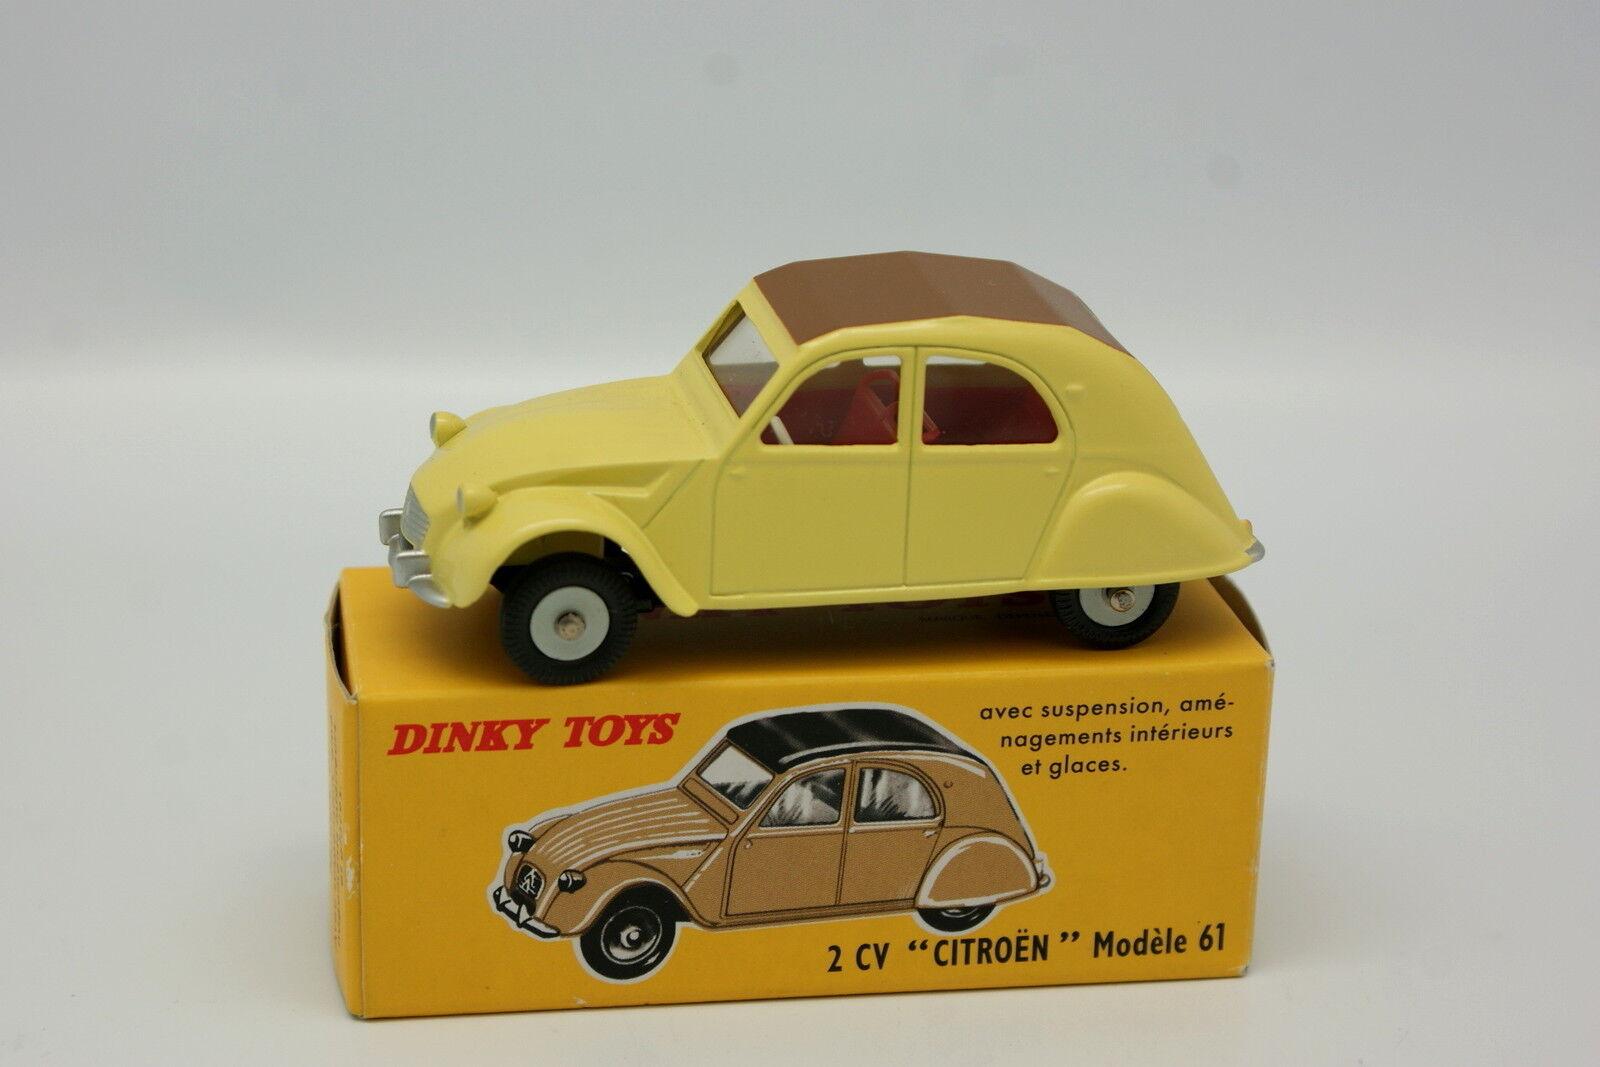 Dinky Toys Atlas 1 43 - - - Citroen 2CV 61 23daa6